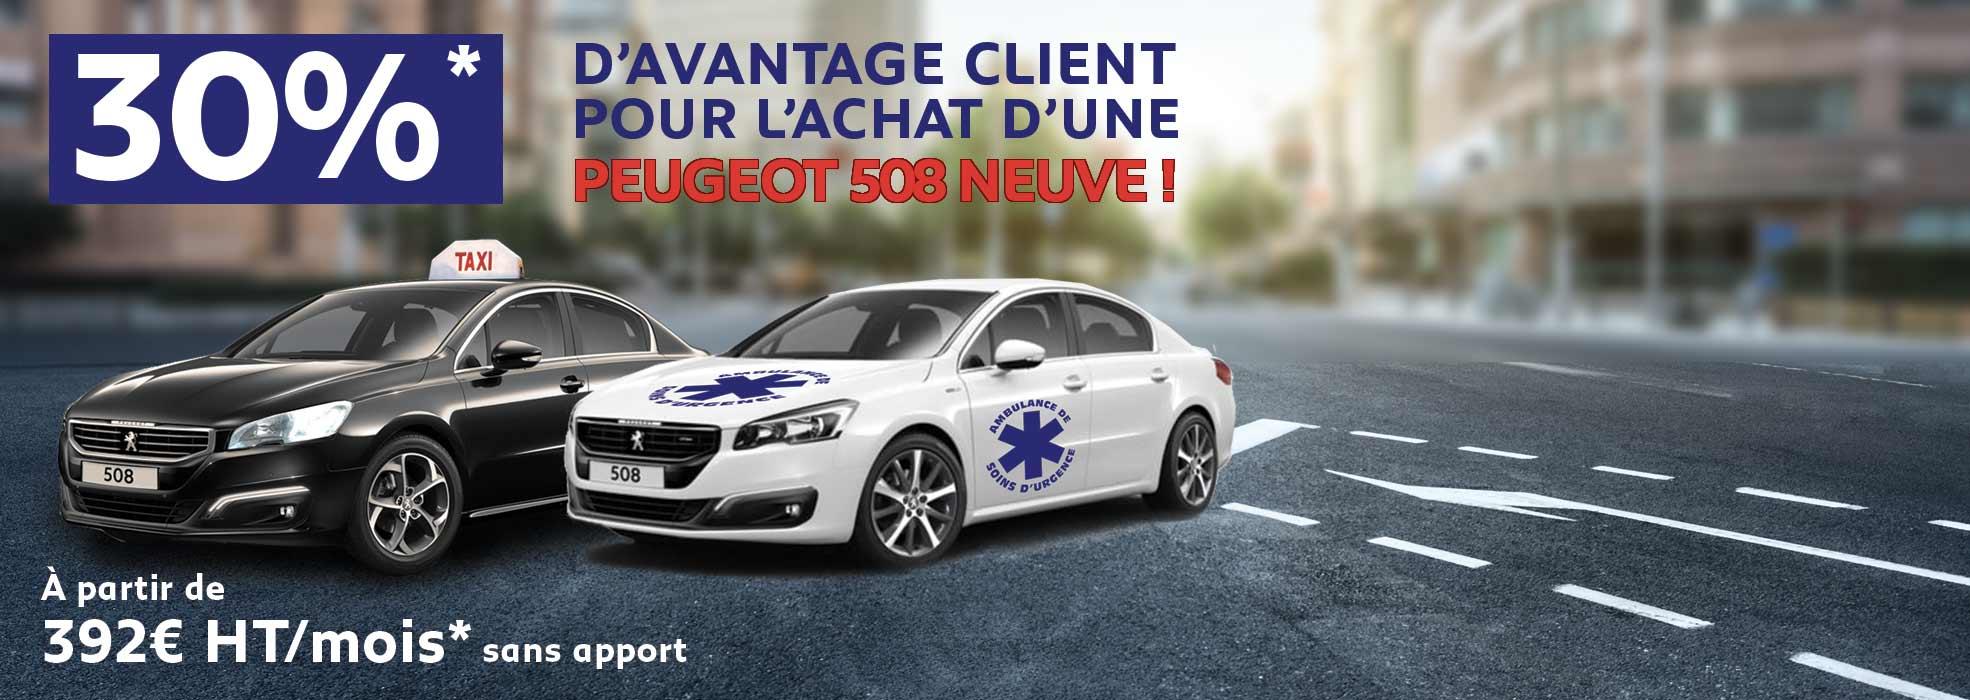 Offre taxi pour l'achat d'une Peugeot 508